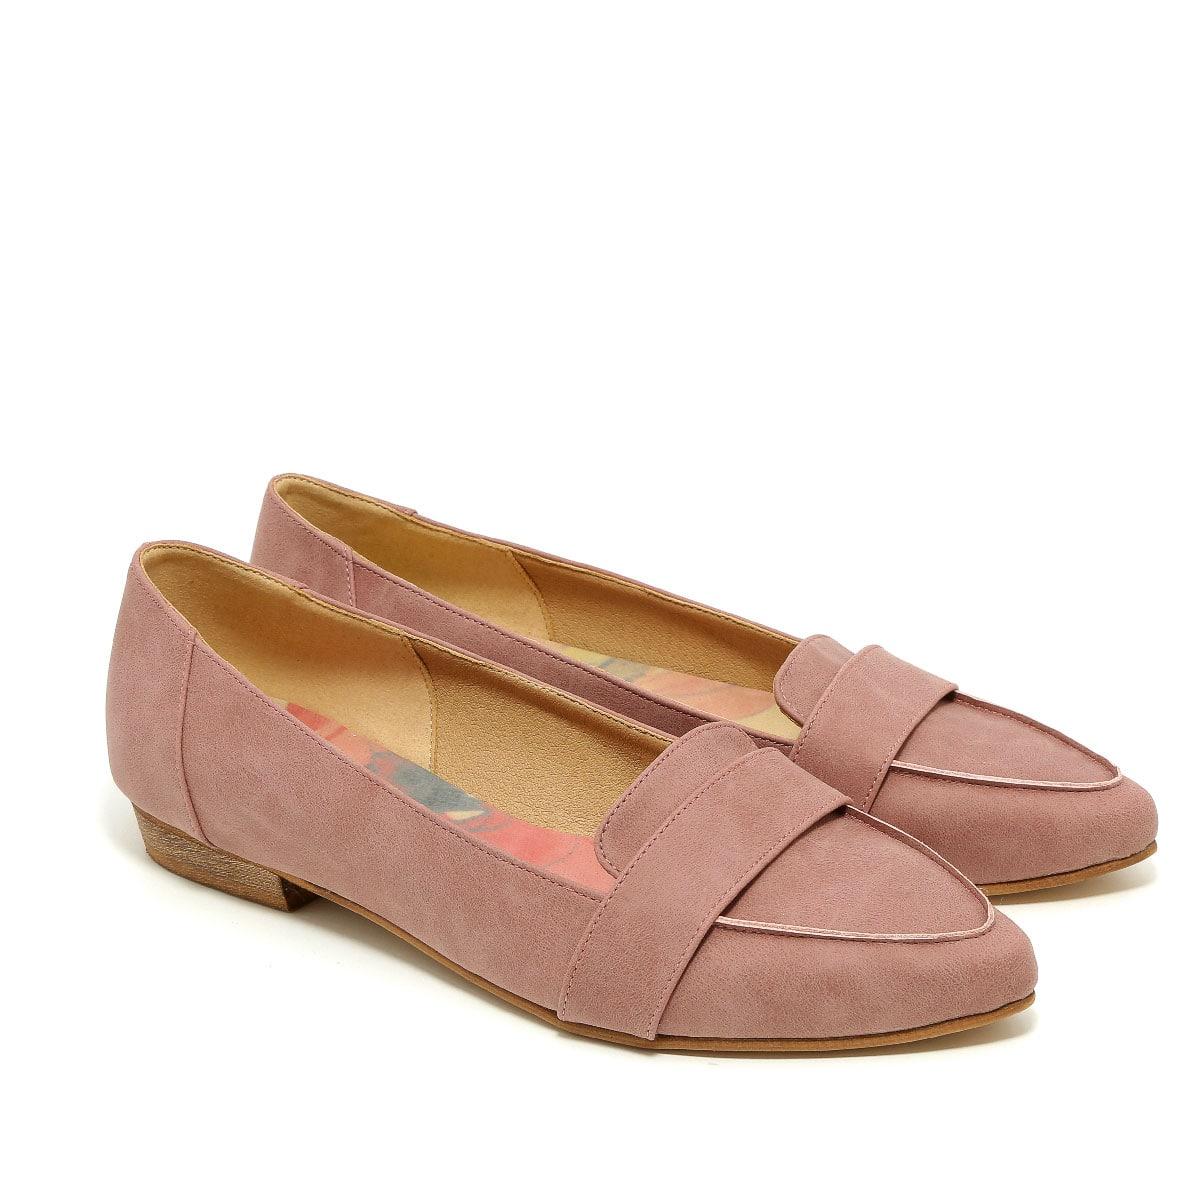 דגם אלה: נעלי מוקסין טבעוניות לנשים